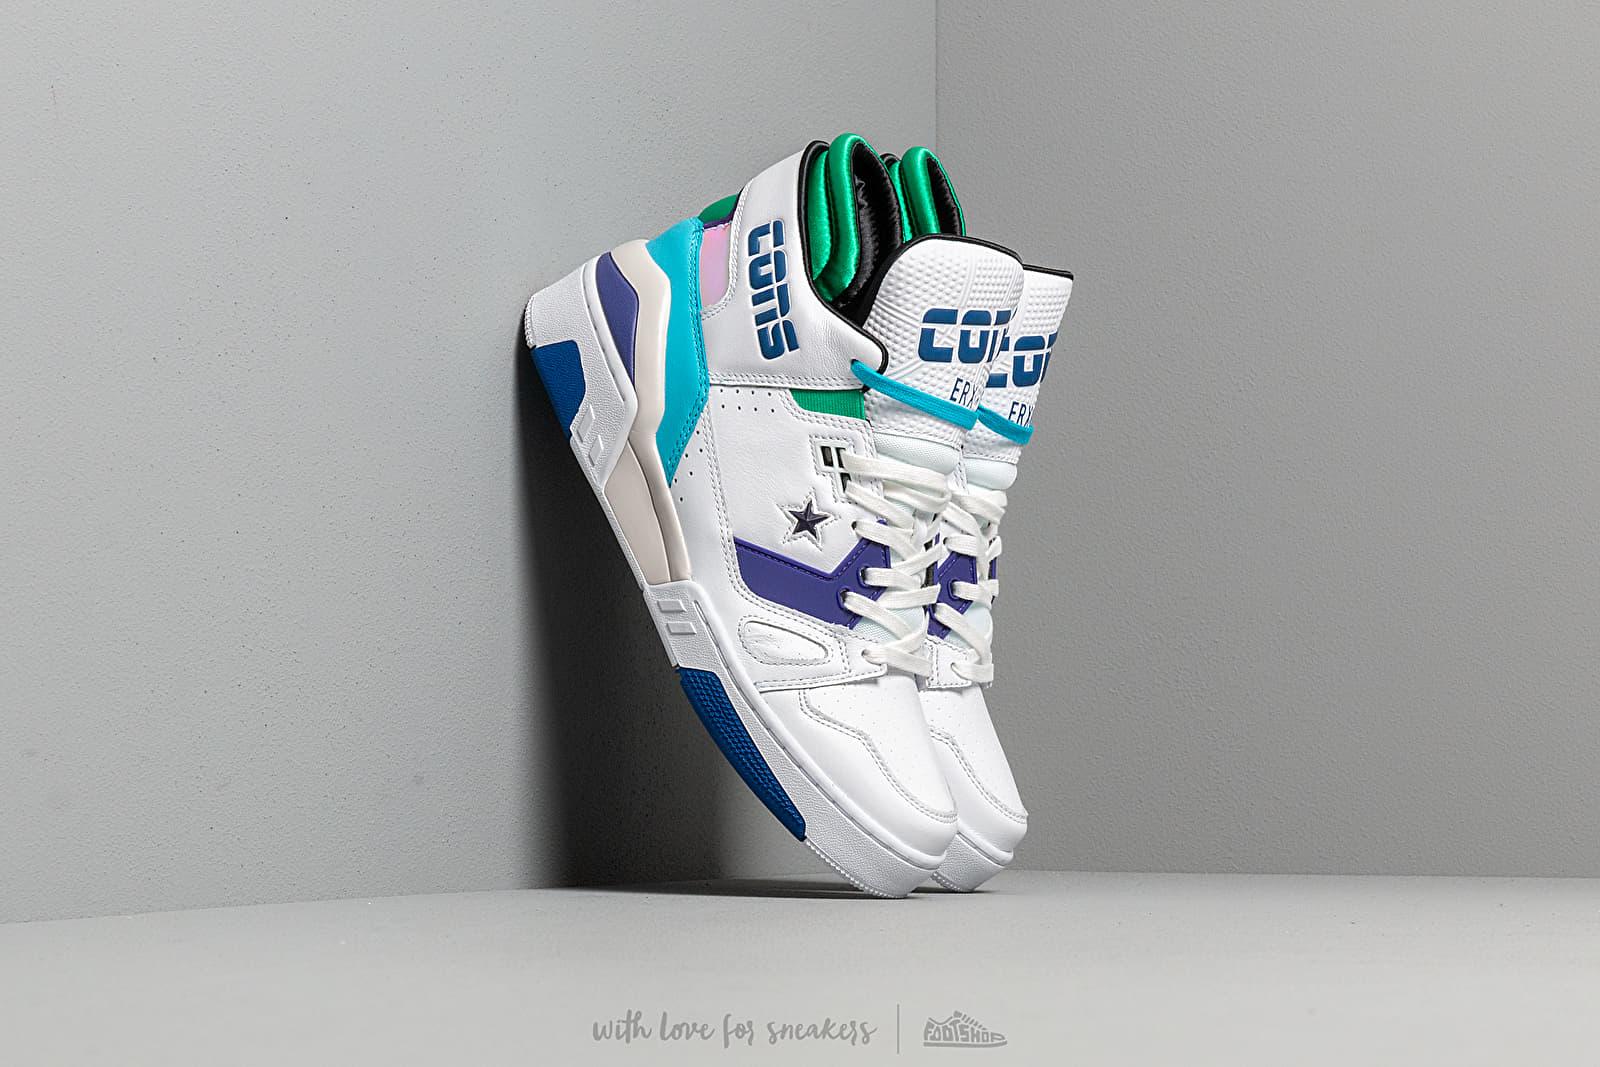 Converse ERX 260 Mid White/ Court Purple/ Bold Jade za skvělou cenu 3 290 Kč koupíte na Footshop.cz